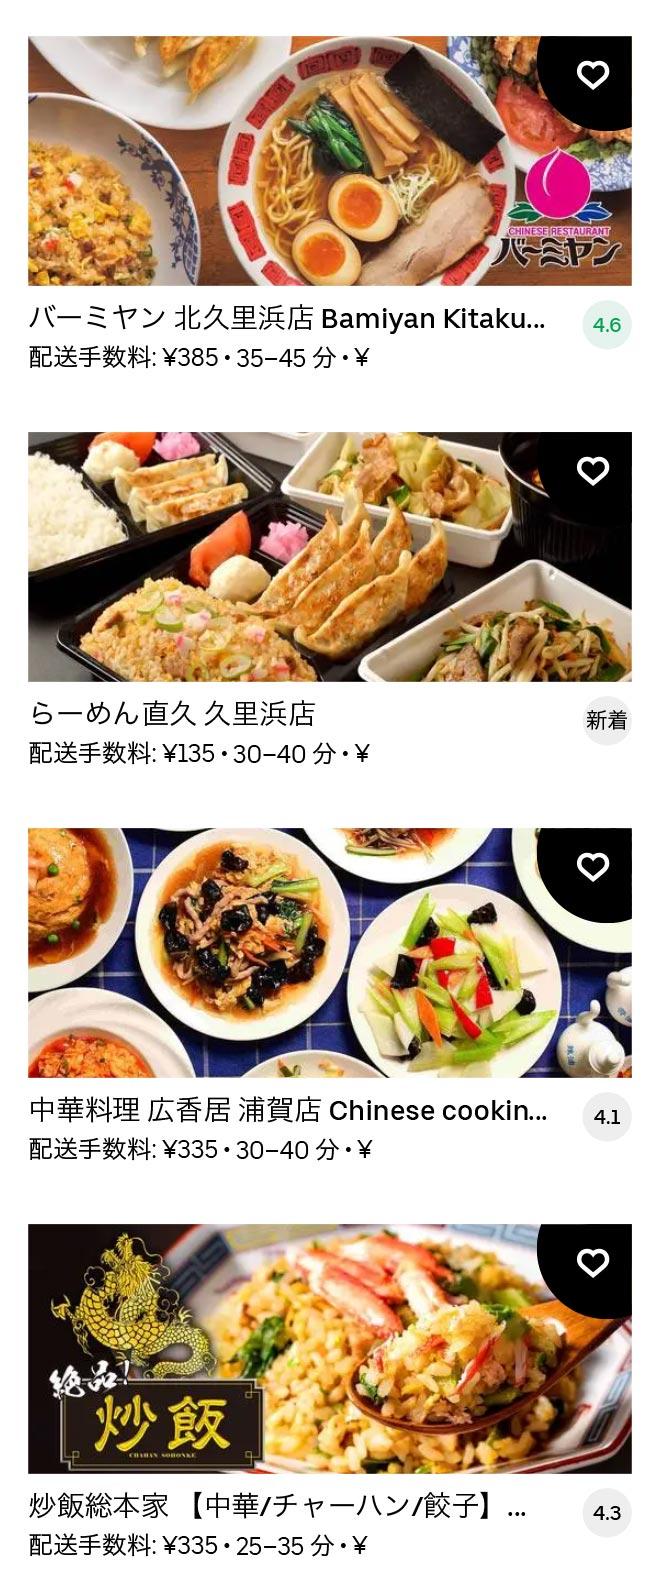 Kurihama menu 2011 07